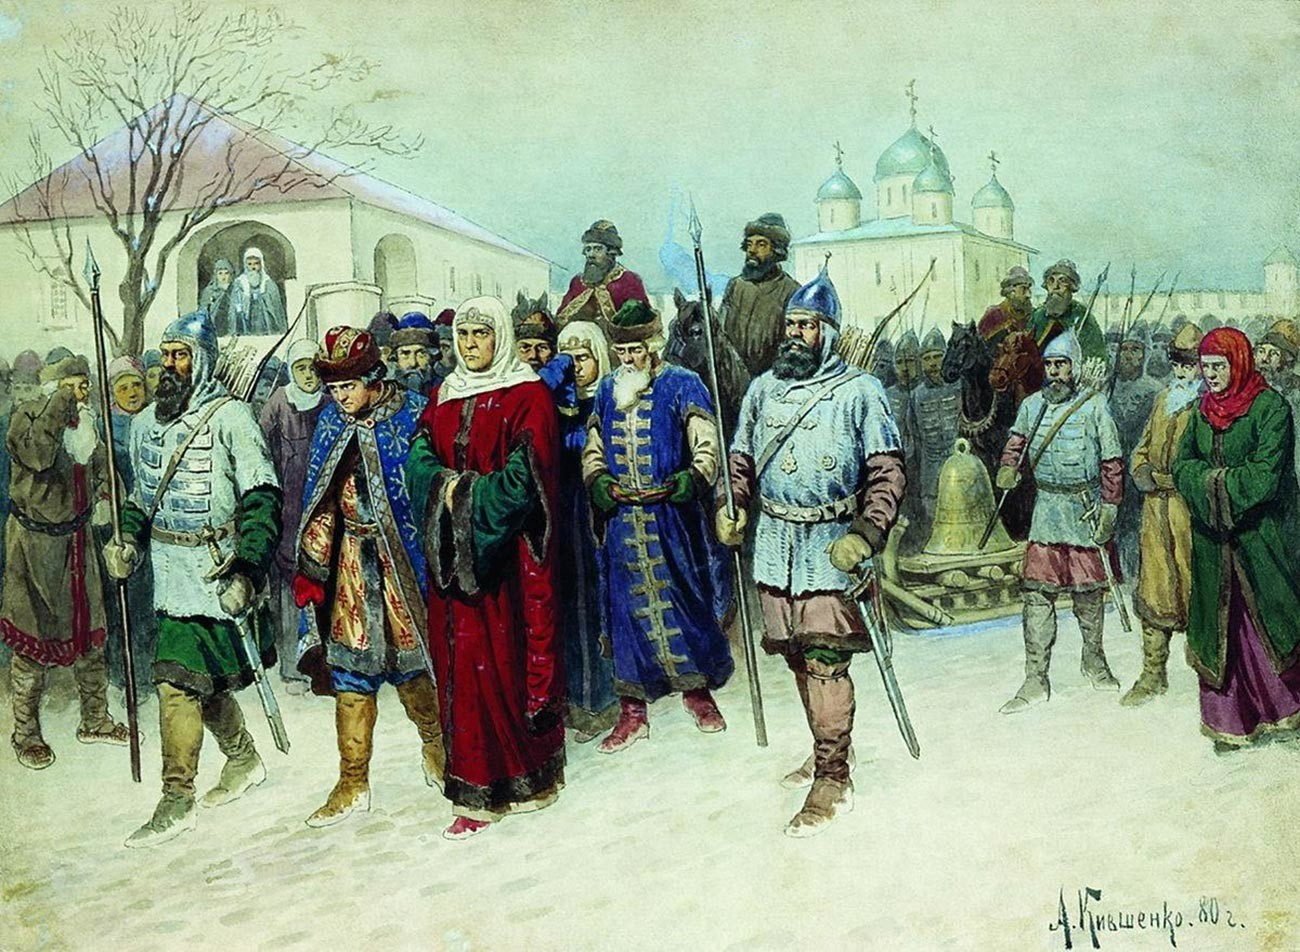 ノヴゴロドから追い出される貴族